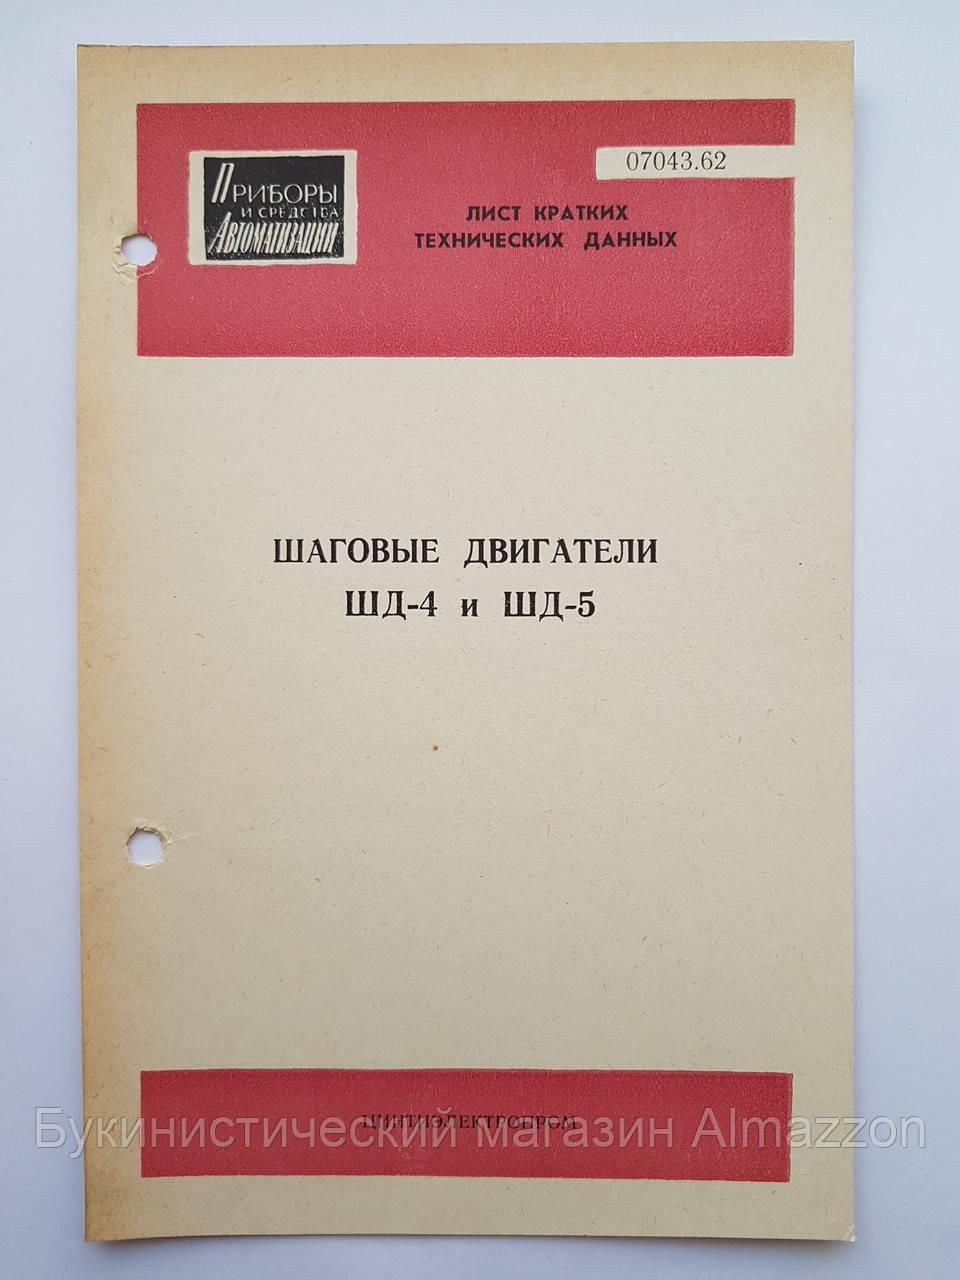 """Лист кратких технических данных """"Шаговый двигатели ШД-4 и ШД-5  07043.62"""""""